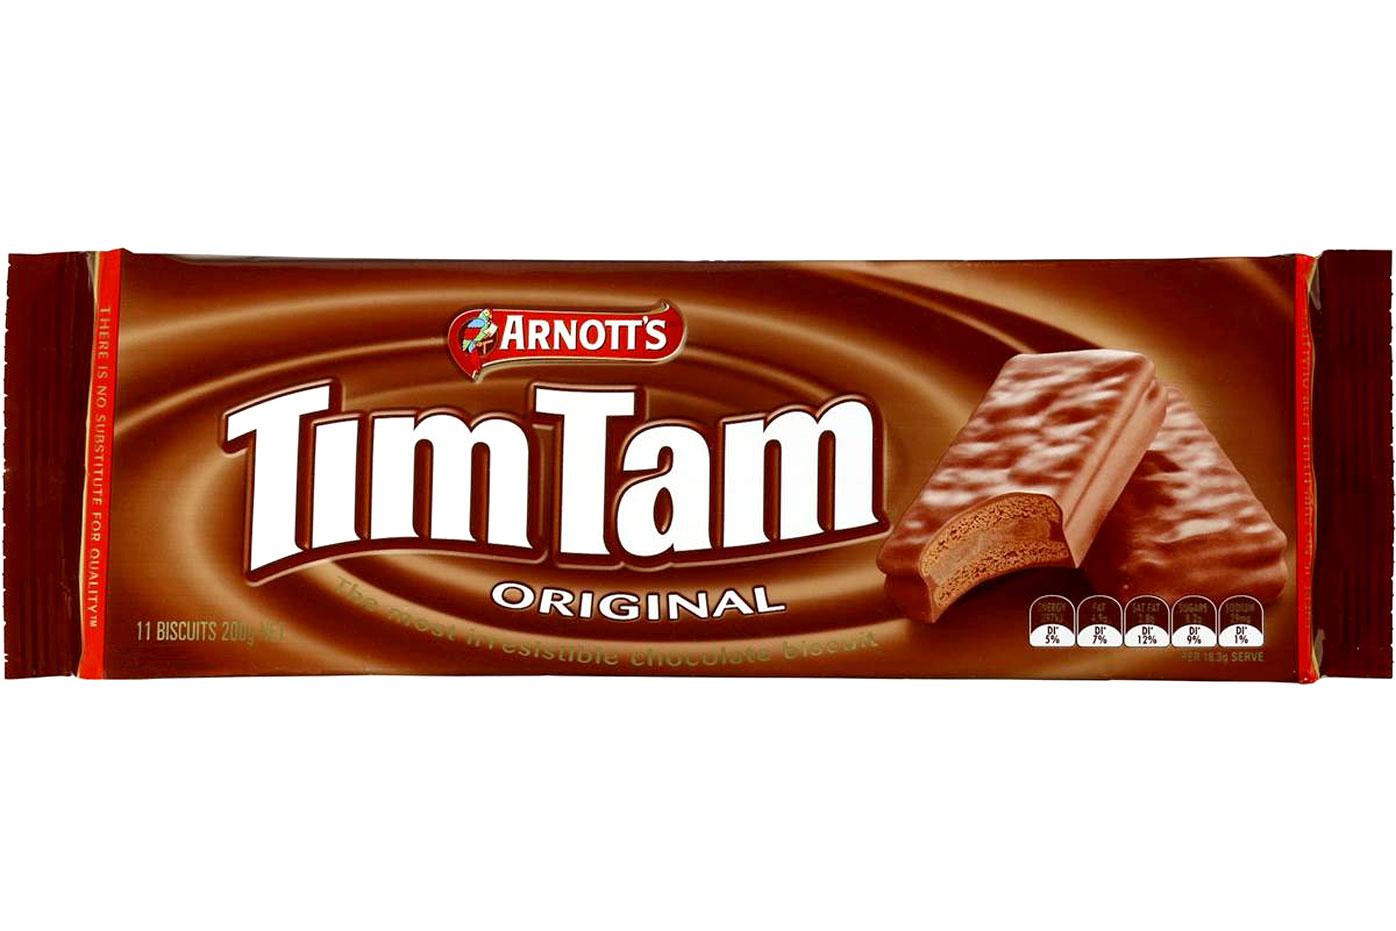 Tim Tam — 8.2g sugar per biscuit